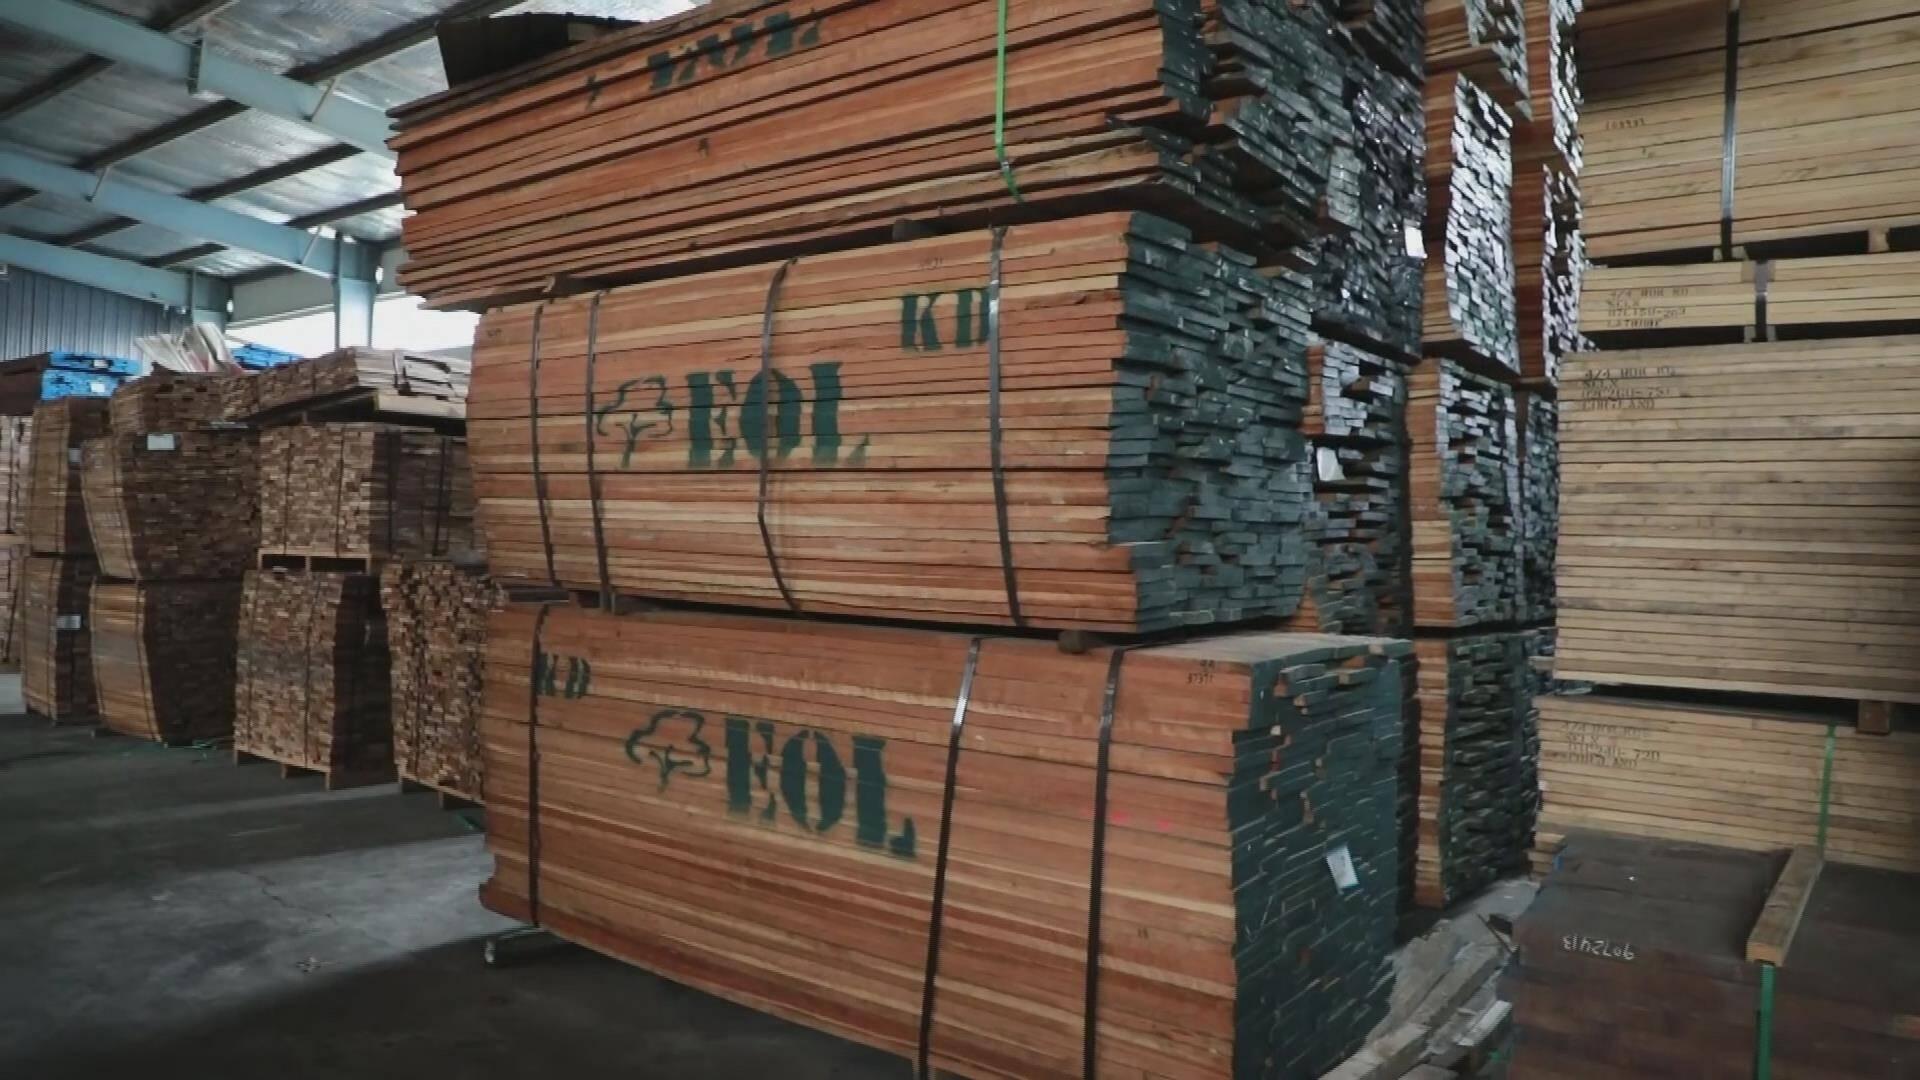 宁津一企业存有未报备的进口木材 因疫情防控落实不力被责令停业整顿